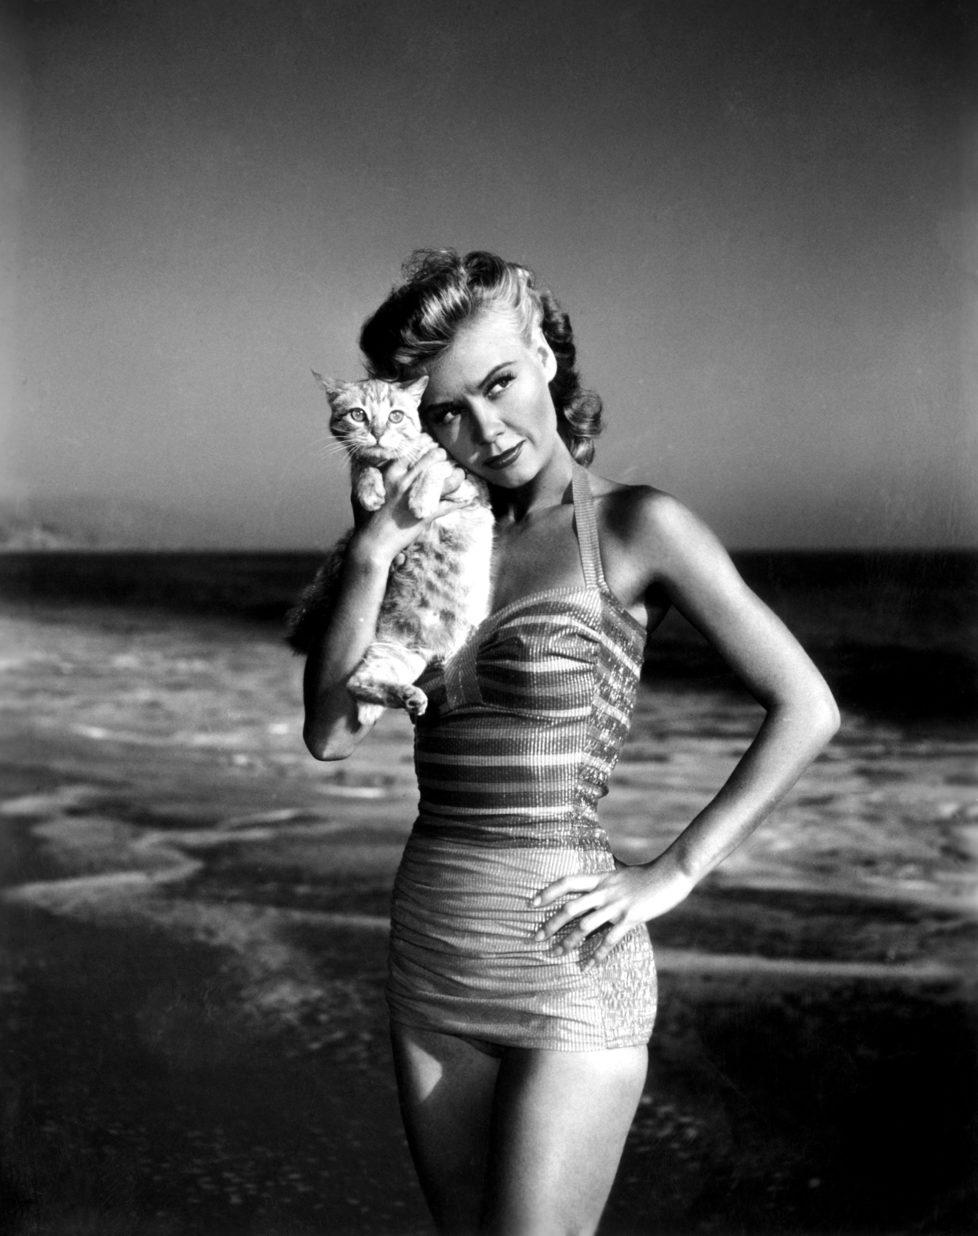 Vera-Ellen posing with kitten on beach, ca. 1940s (KEYSTONE/Everett Collection/) IM BILD / BILDSEITE LIEBEN MICH MEINE KATZEN BUND 23.7. TAGI 26.7.